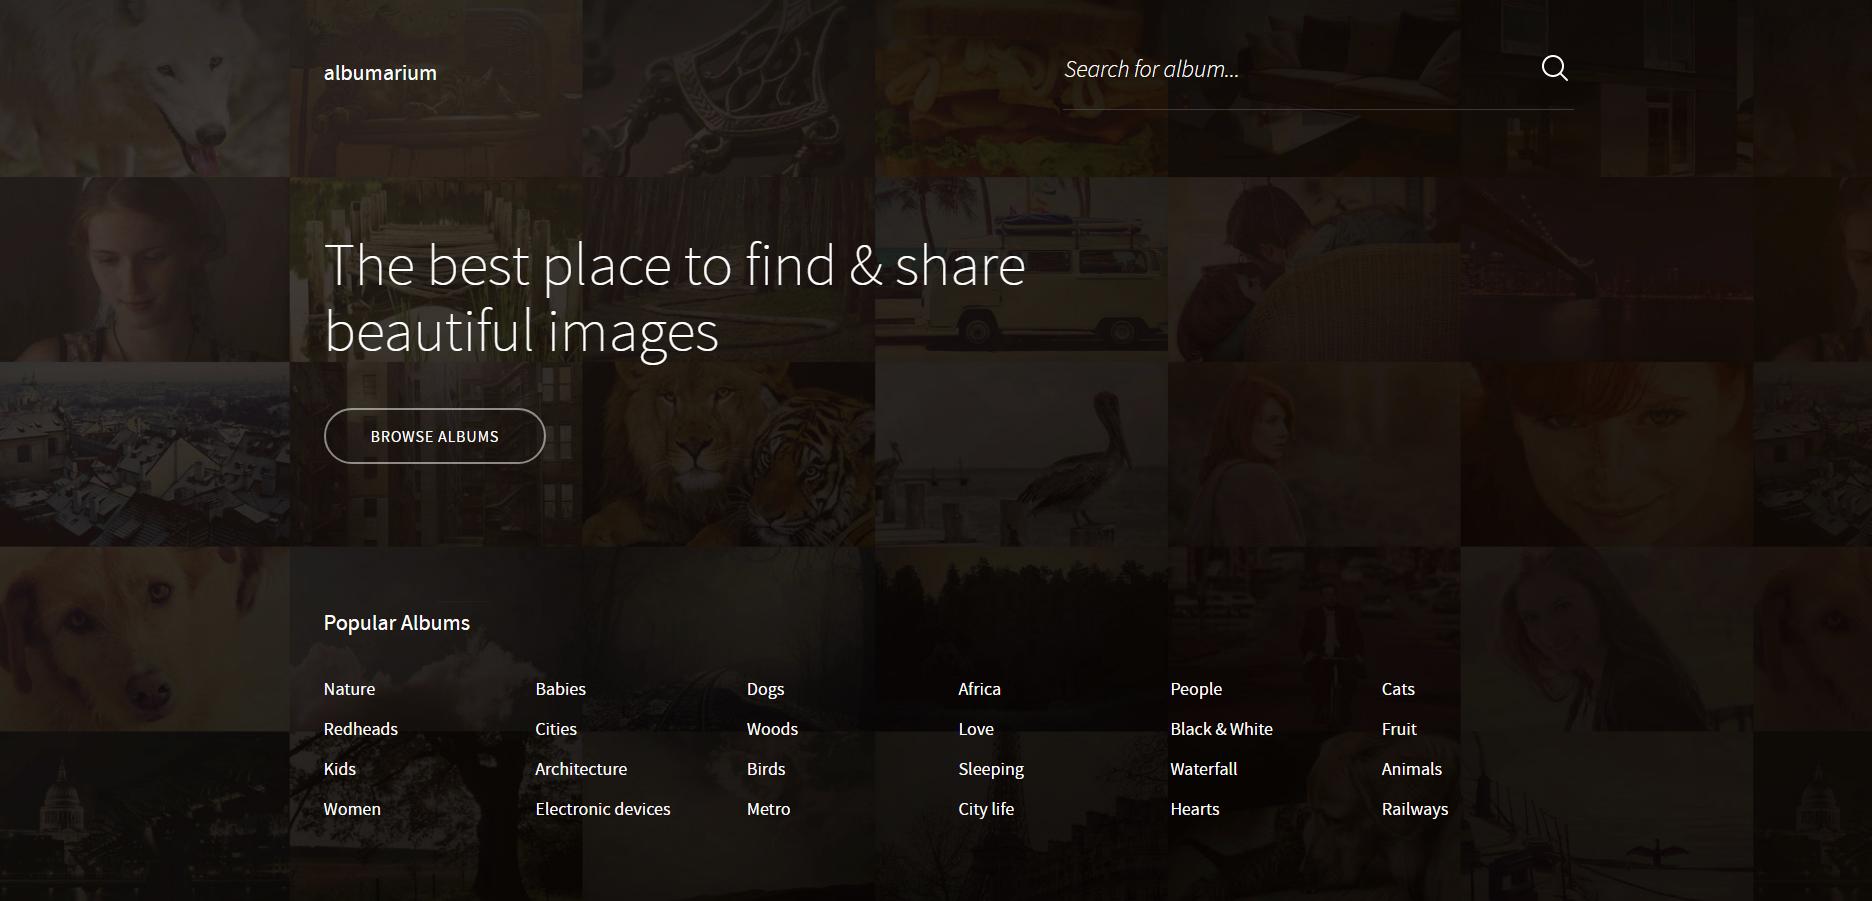 albumarium, jogtiszta fotók, ingyenes fotók, jogtiszta képek, ingyenes képek, ingyenes png ábrák, ingyenes háttérképek, ingyenes logó